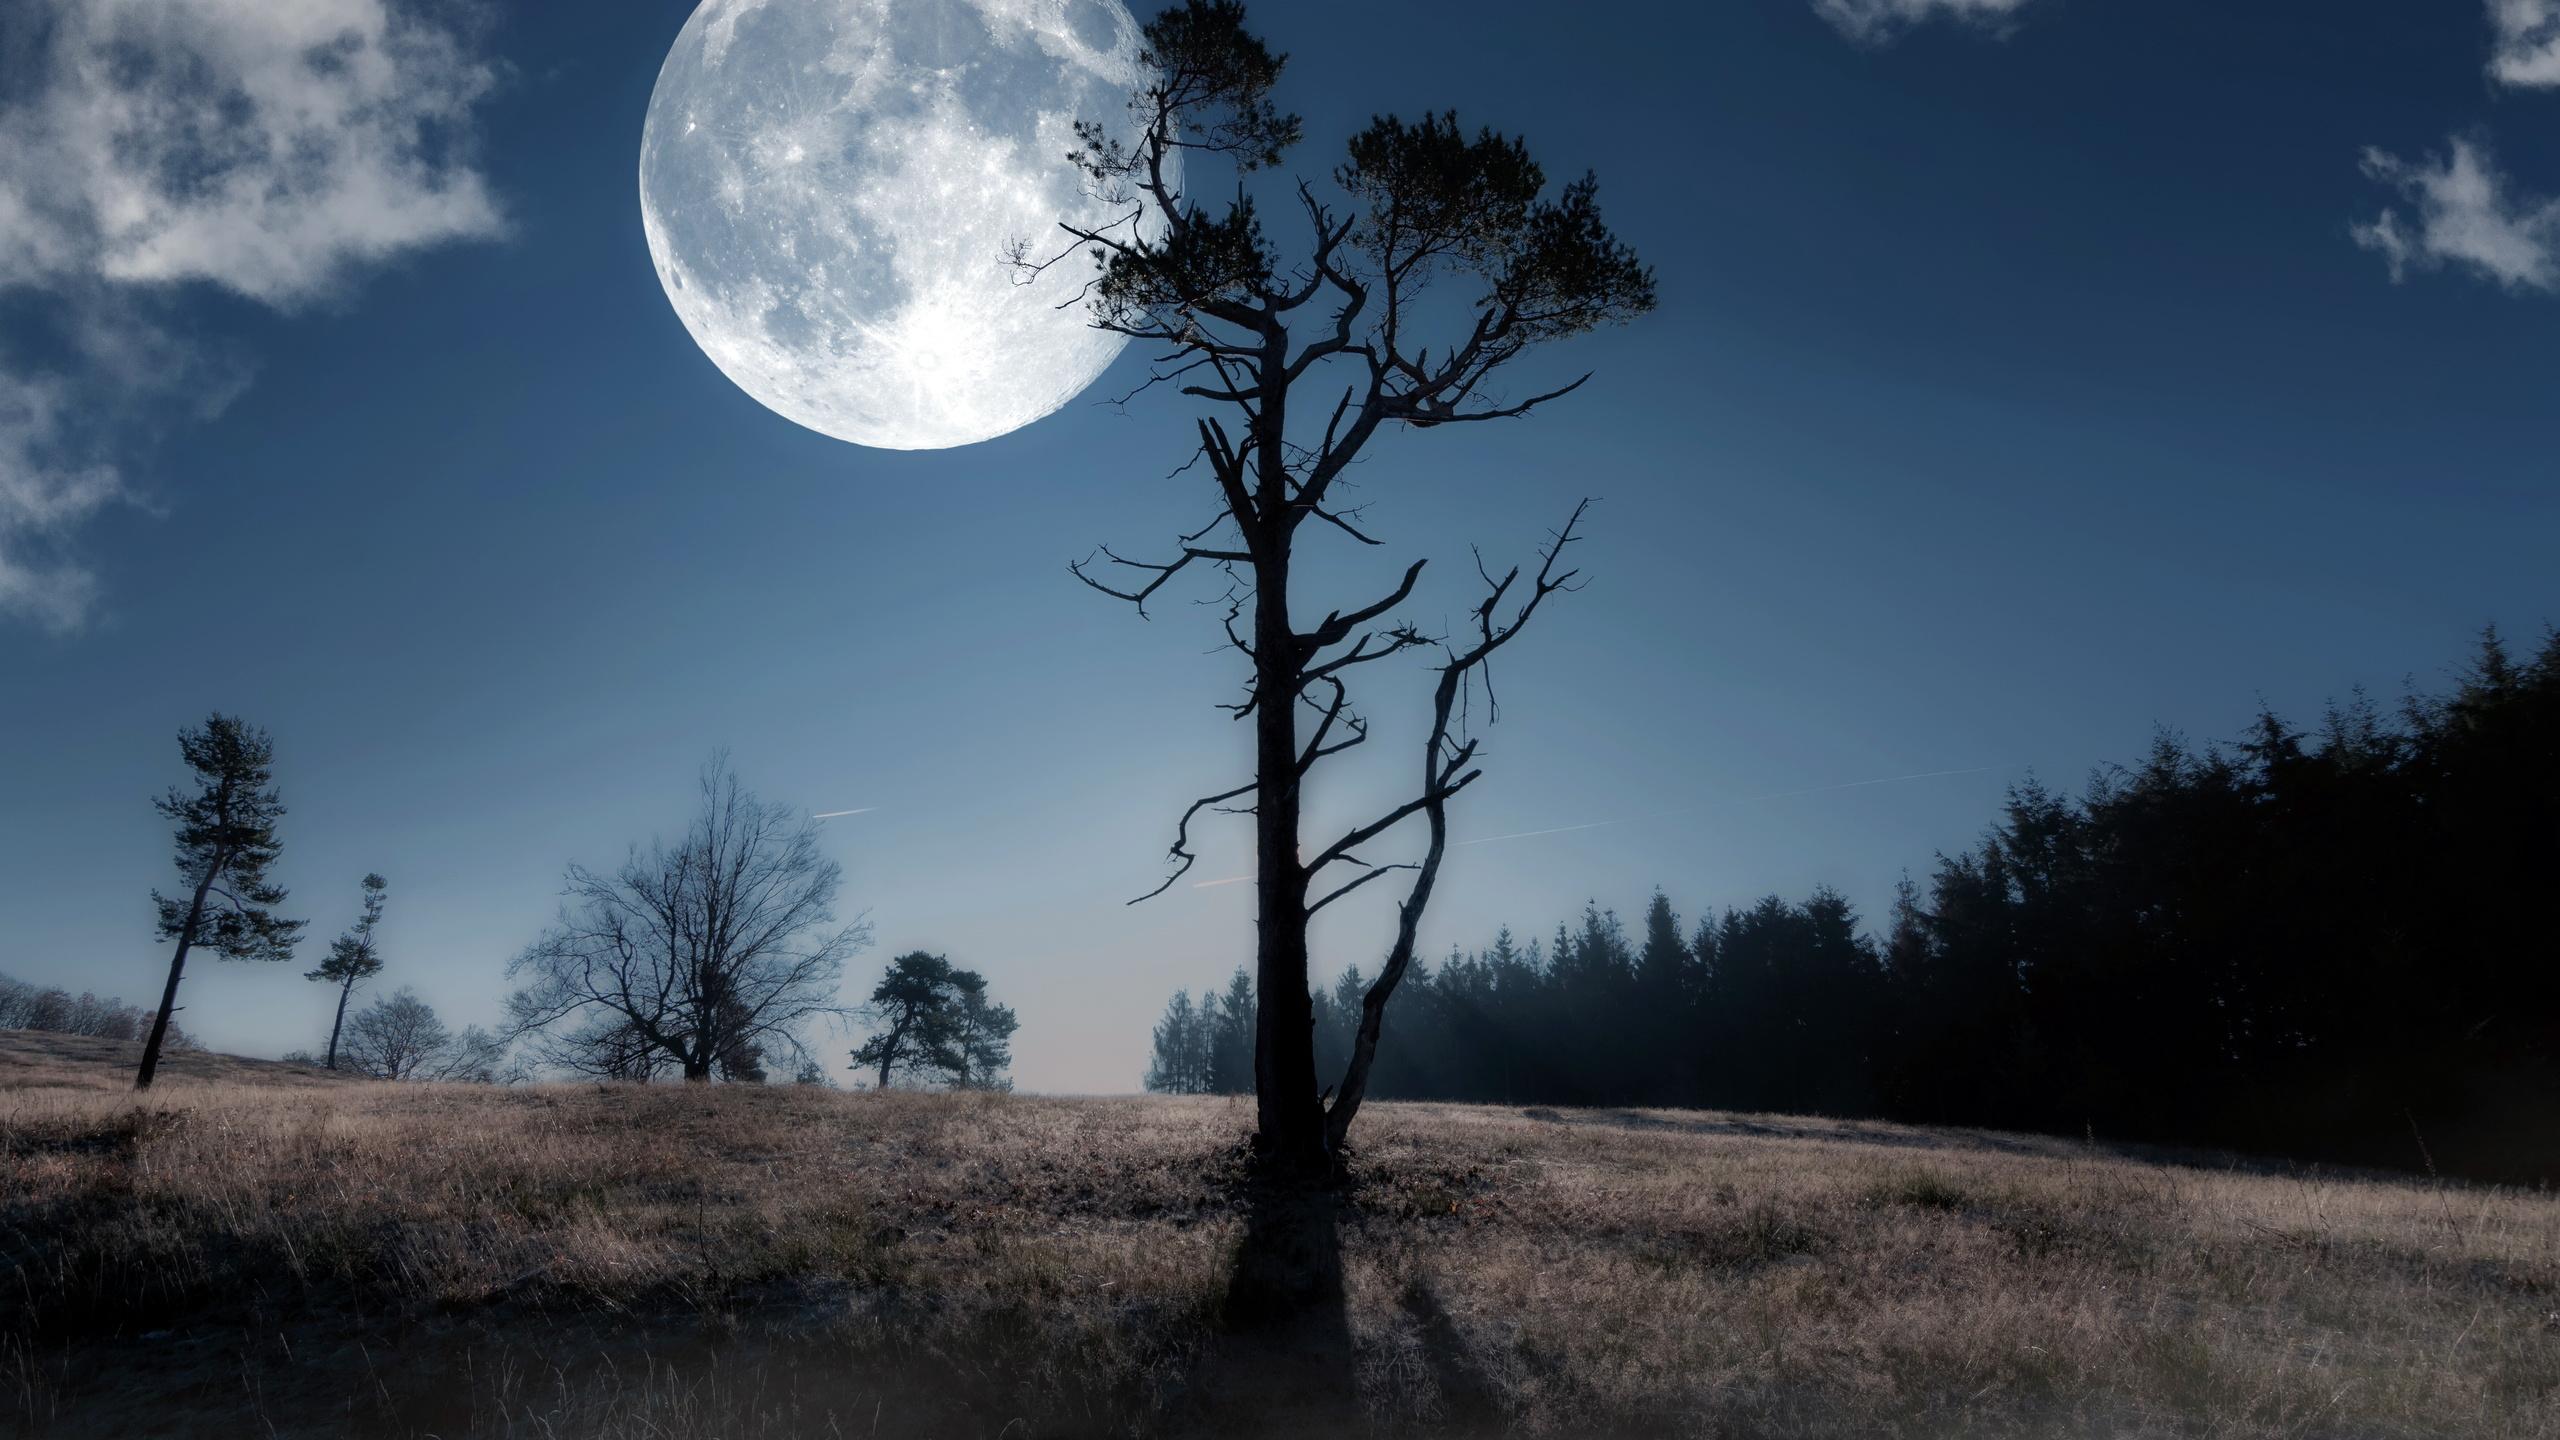 ночь в лесу в полнолуние картинки под воздействием